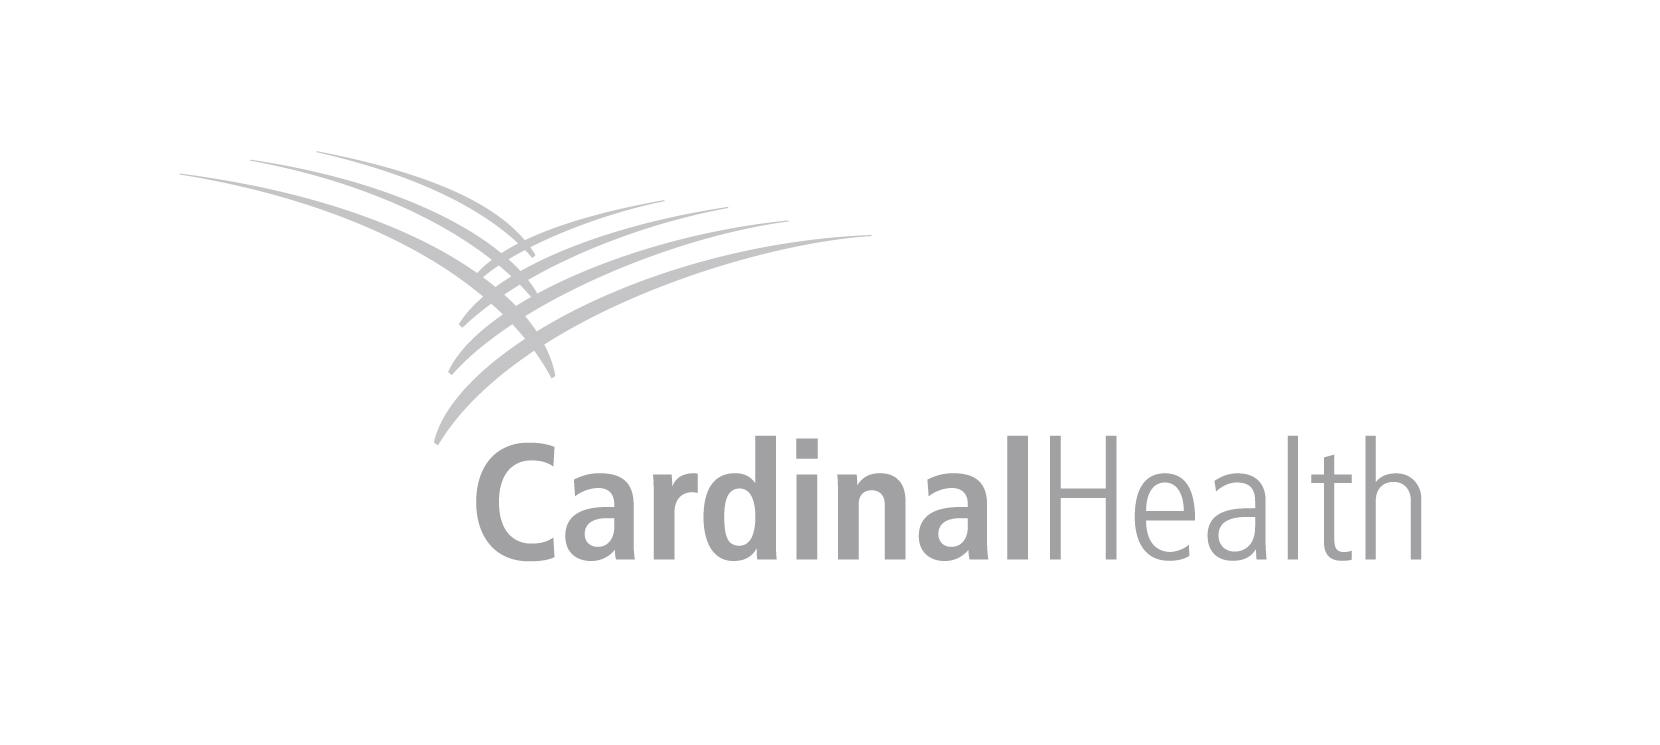 CardinalHealth.jpg